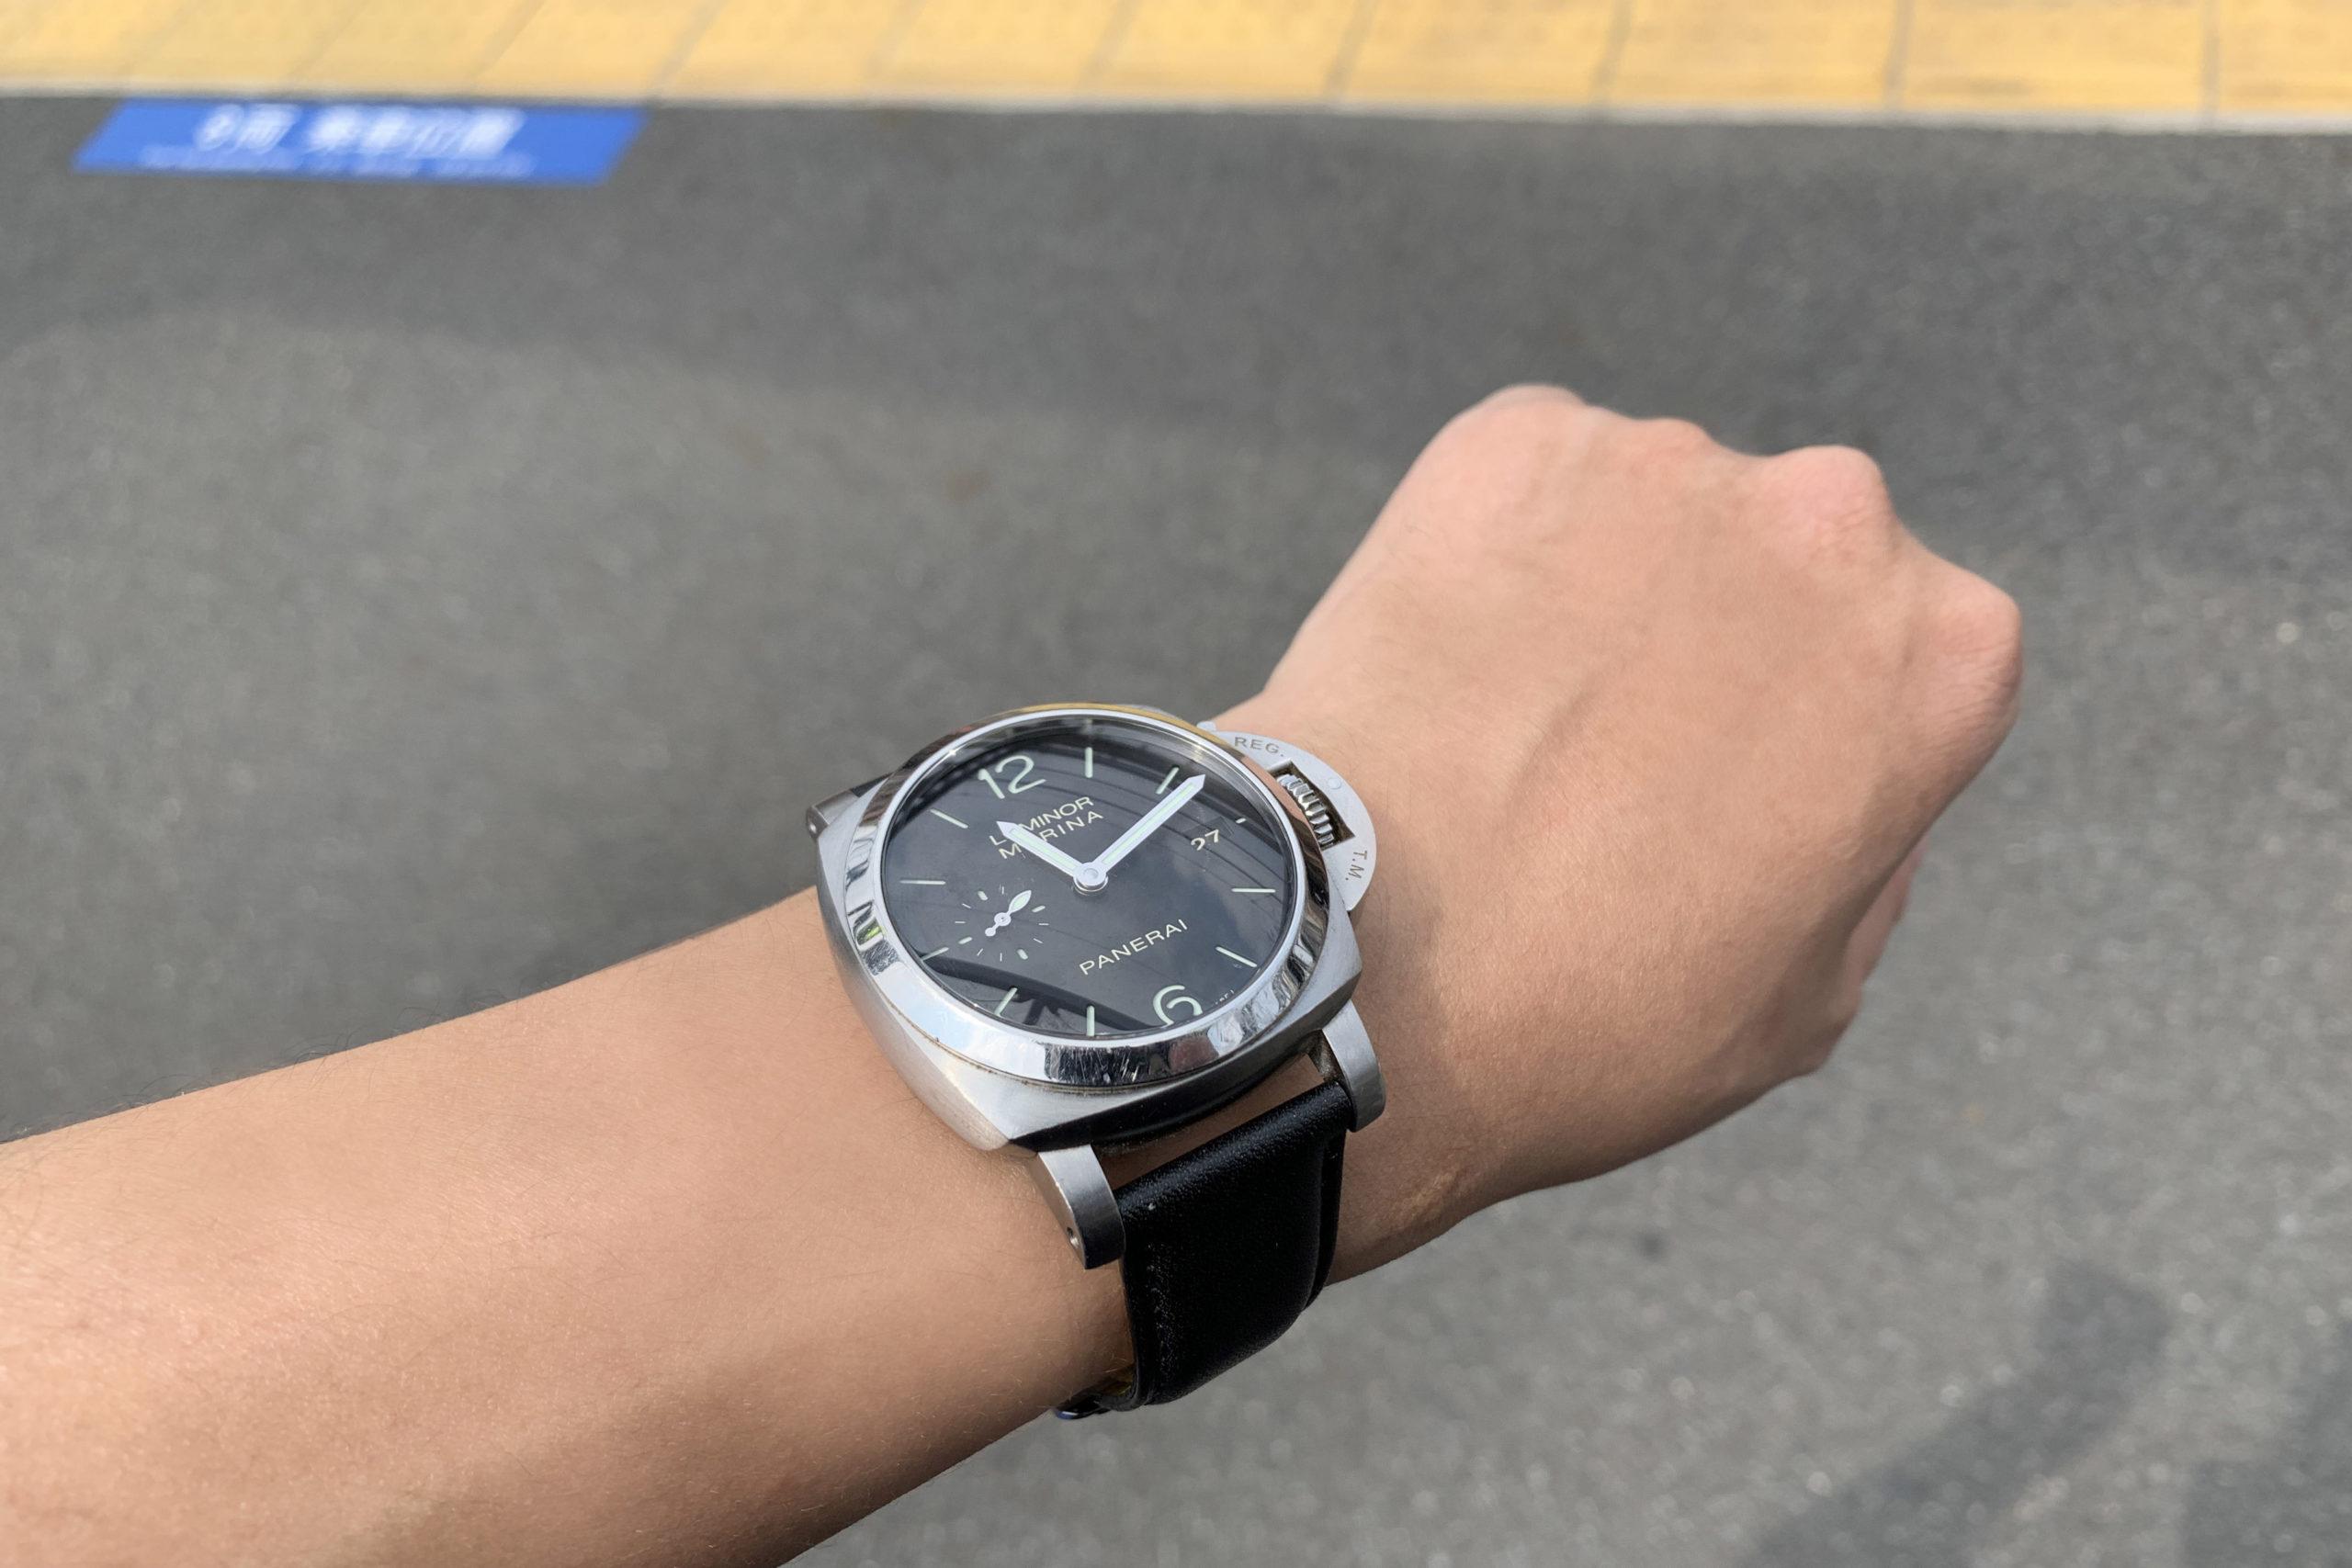 5年愛用し続けている腕時計「パネライ ルミノール マリーナ 1950 3デイズ オートマティック」